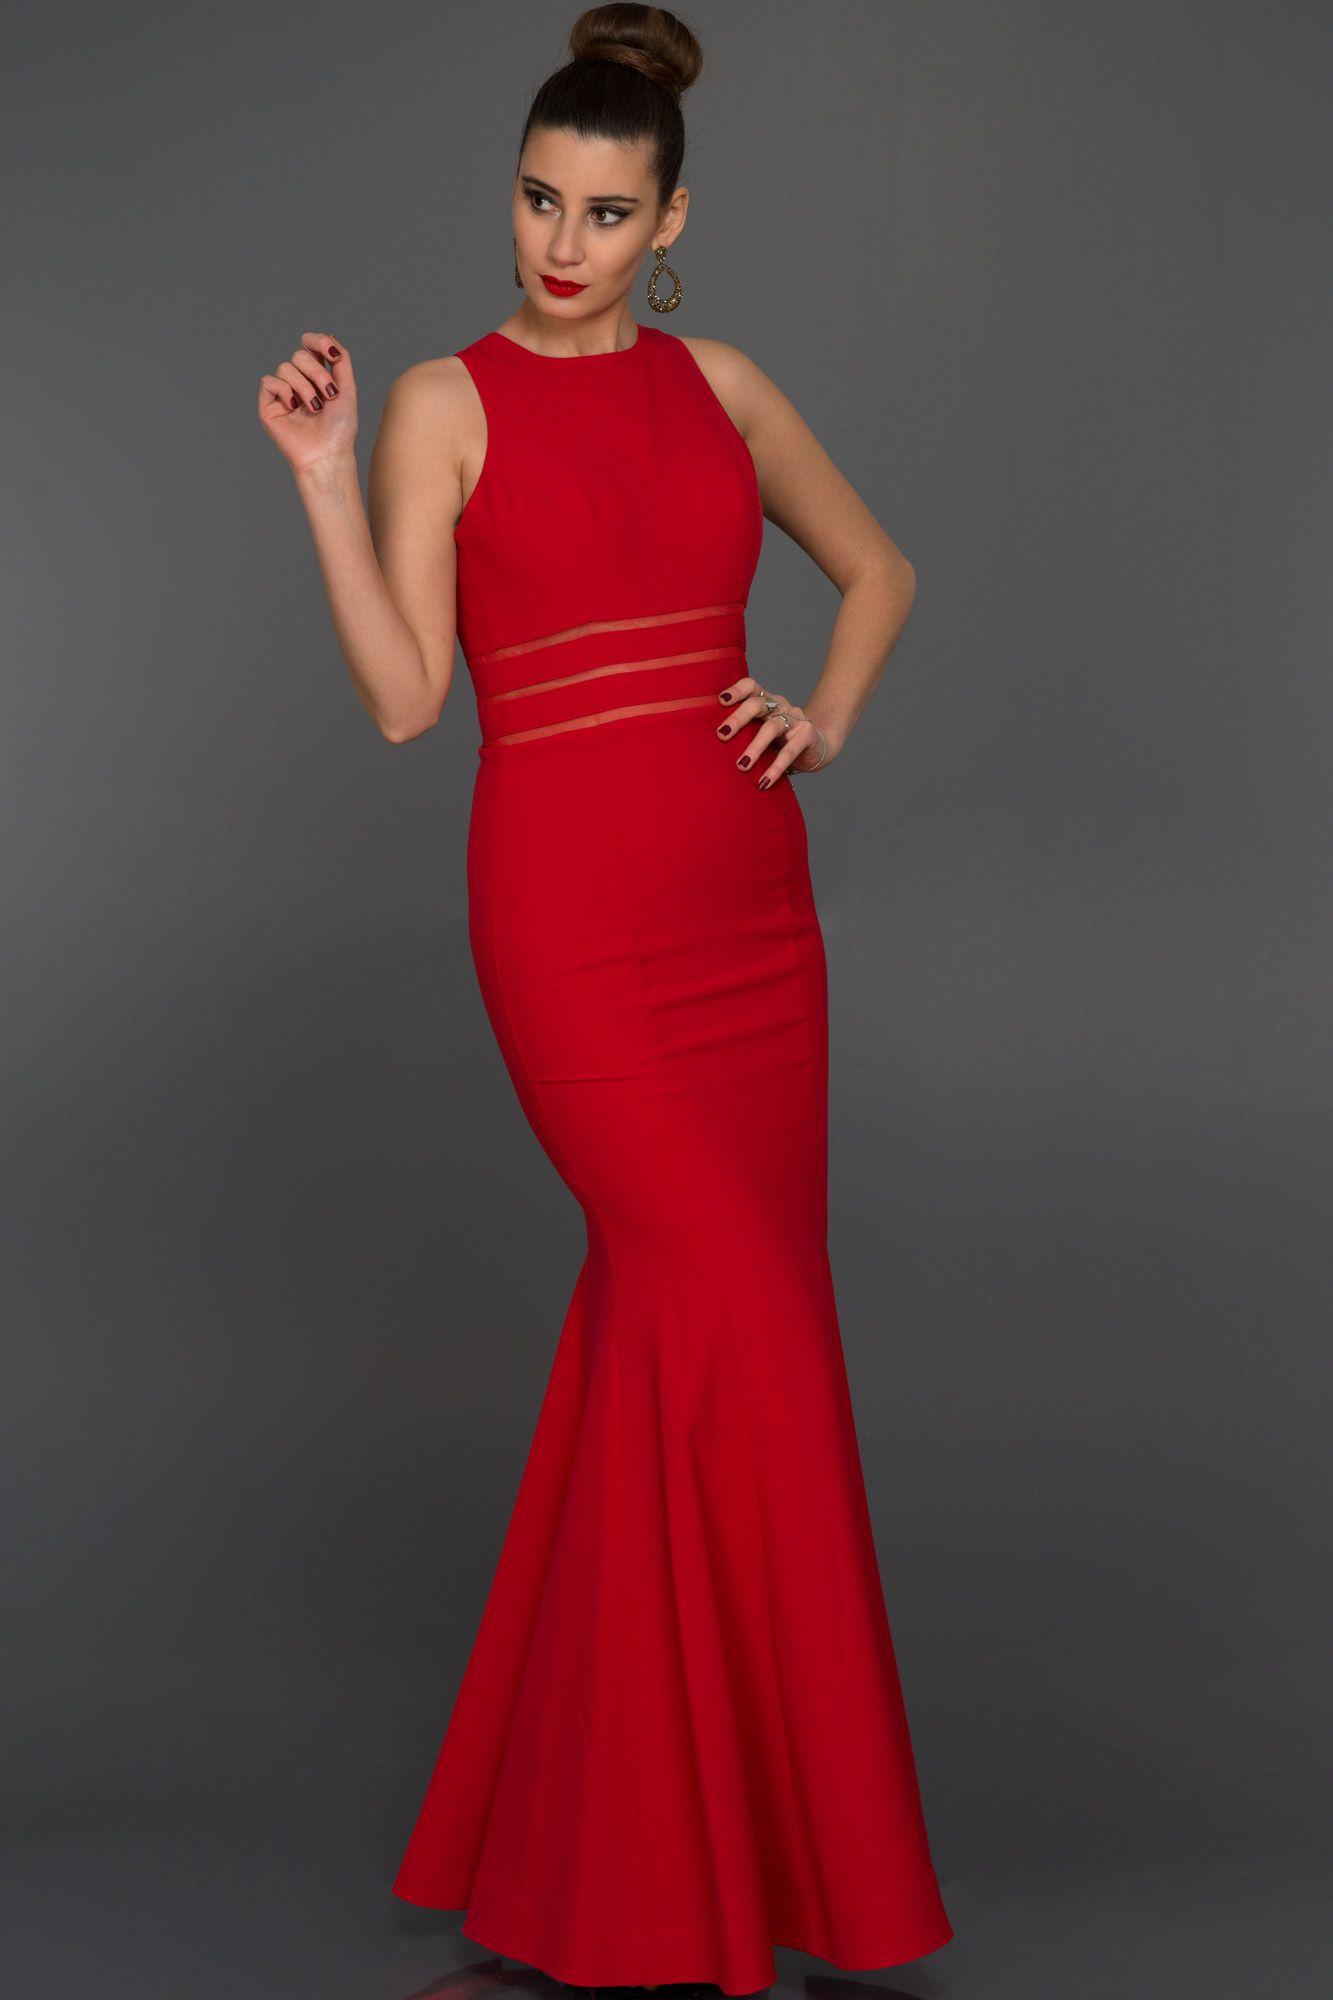 34f1585a7dbe8 Uzun Dekoltesiz Balık Abiye W6015 | Elbise | Kırmızı, Balık